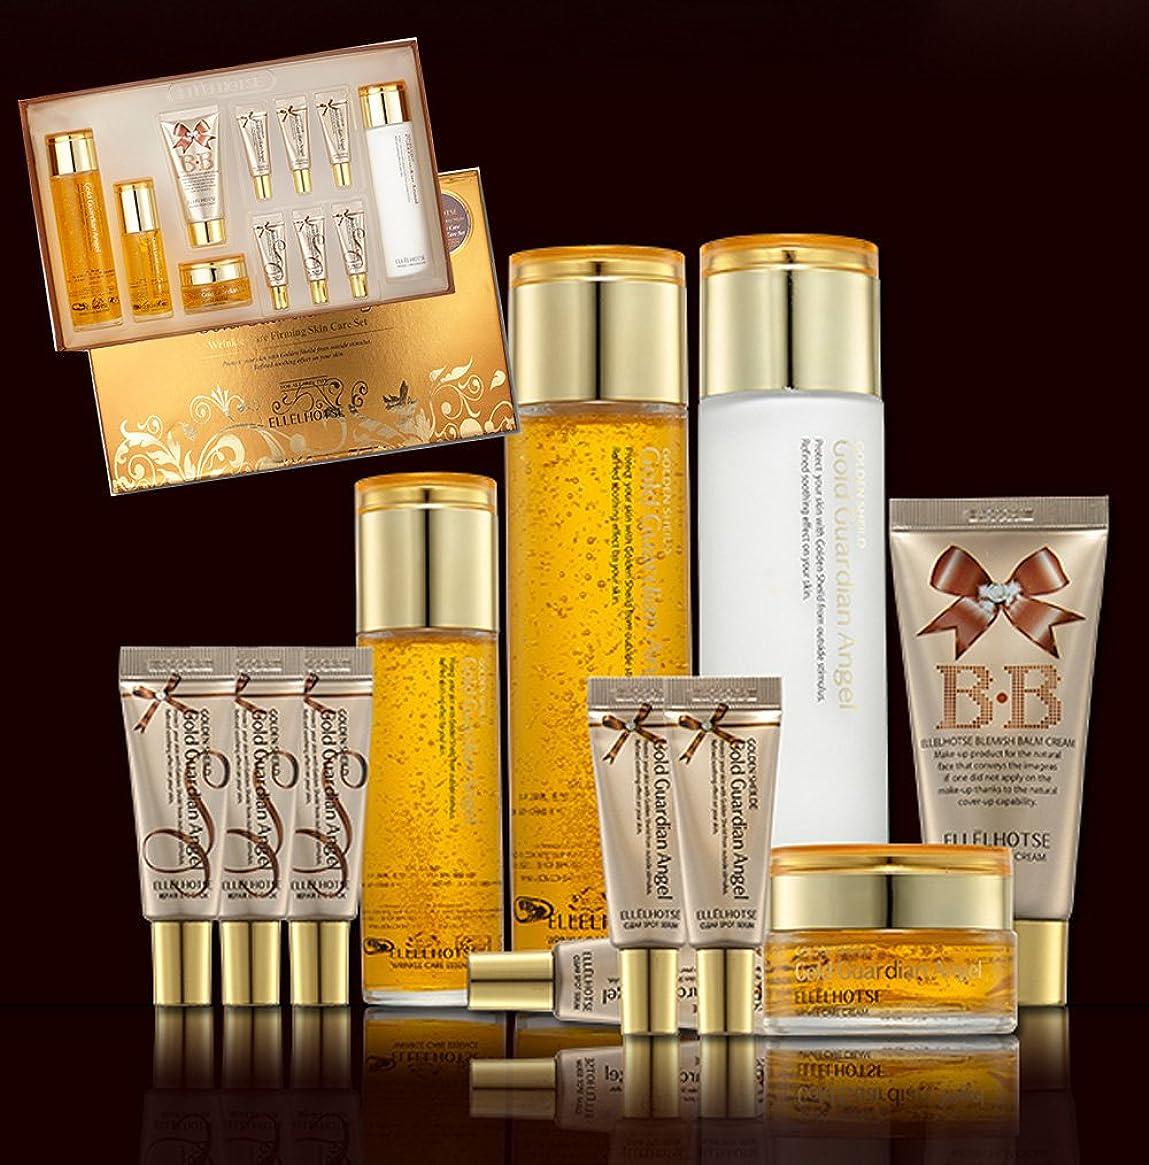 急行する収穫咳[ELLELHOTSE]ゴールドファーミングスキンケア7set/弾力&柔軟性/コエンザイムQ-10/韓国の化粧品/Gold Firming Skin Care 7set/resilience & flexibility/coenzyme Q-10/Korean Cosmetics [並行輸入品]